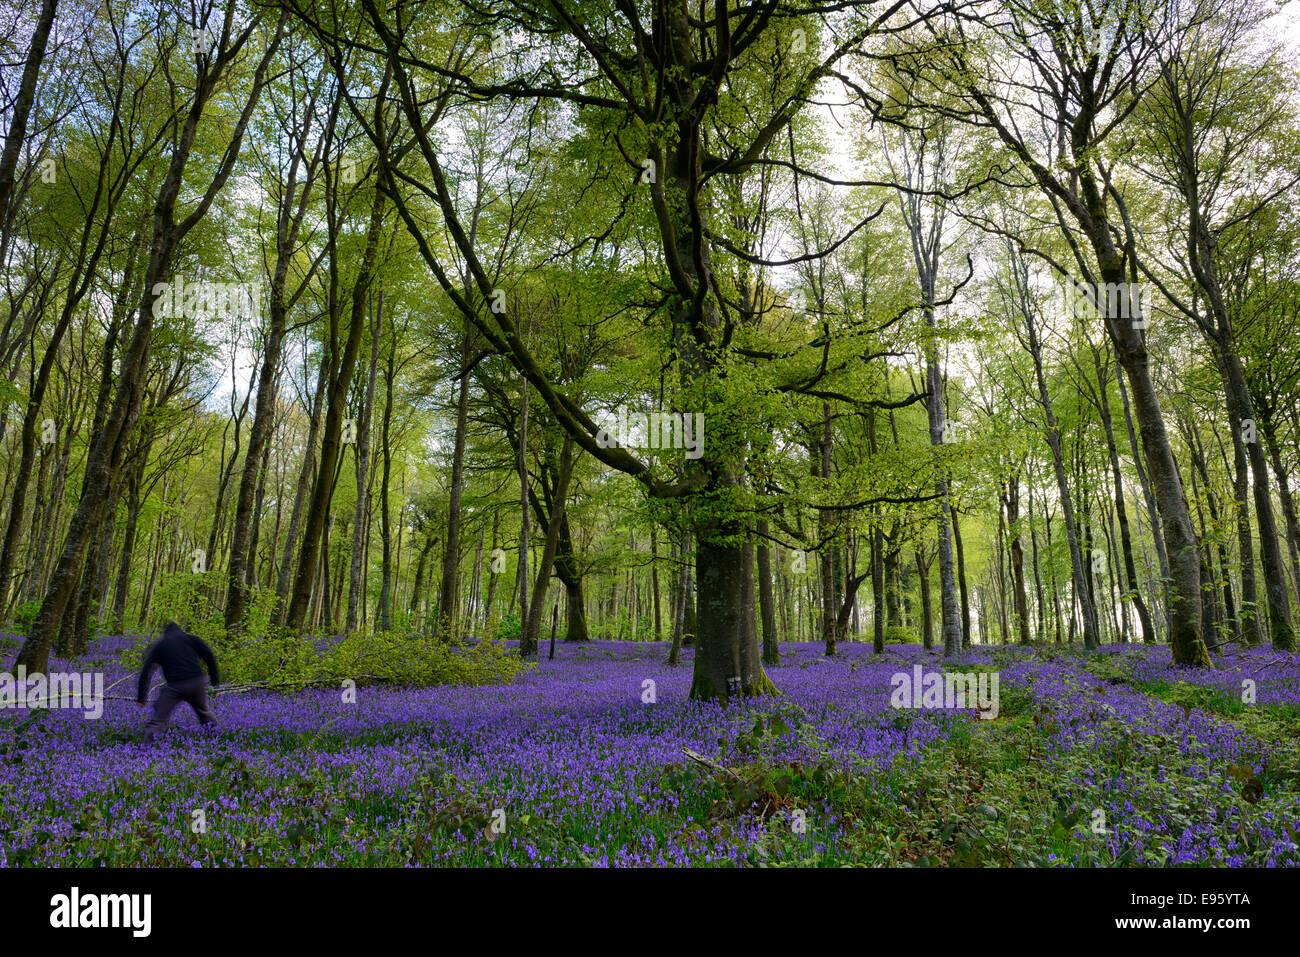 Vermummte Mann herauszufinden dunklen bedrohlichen Bluebell Holz Wald Wald Frühling Bedrohung böse Stockbild